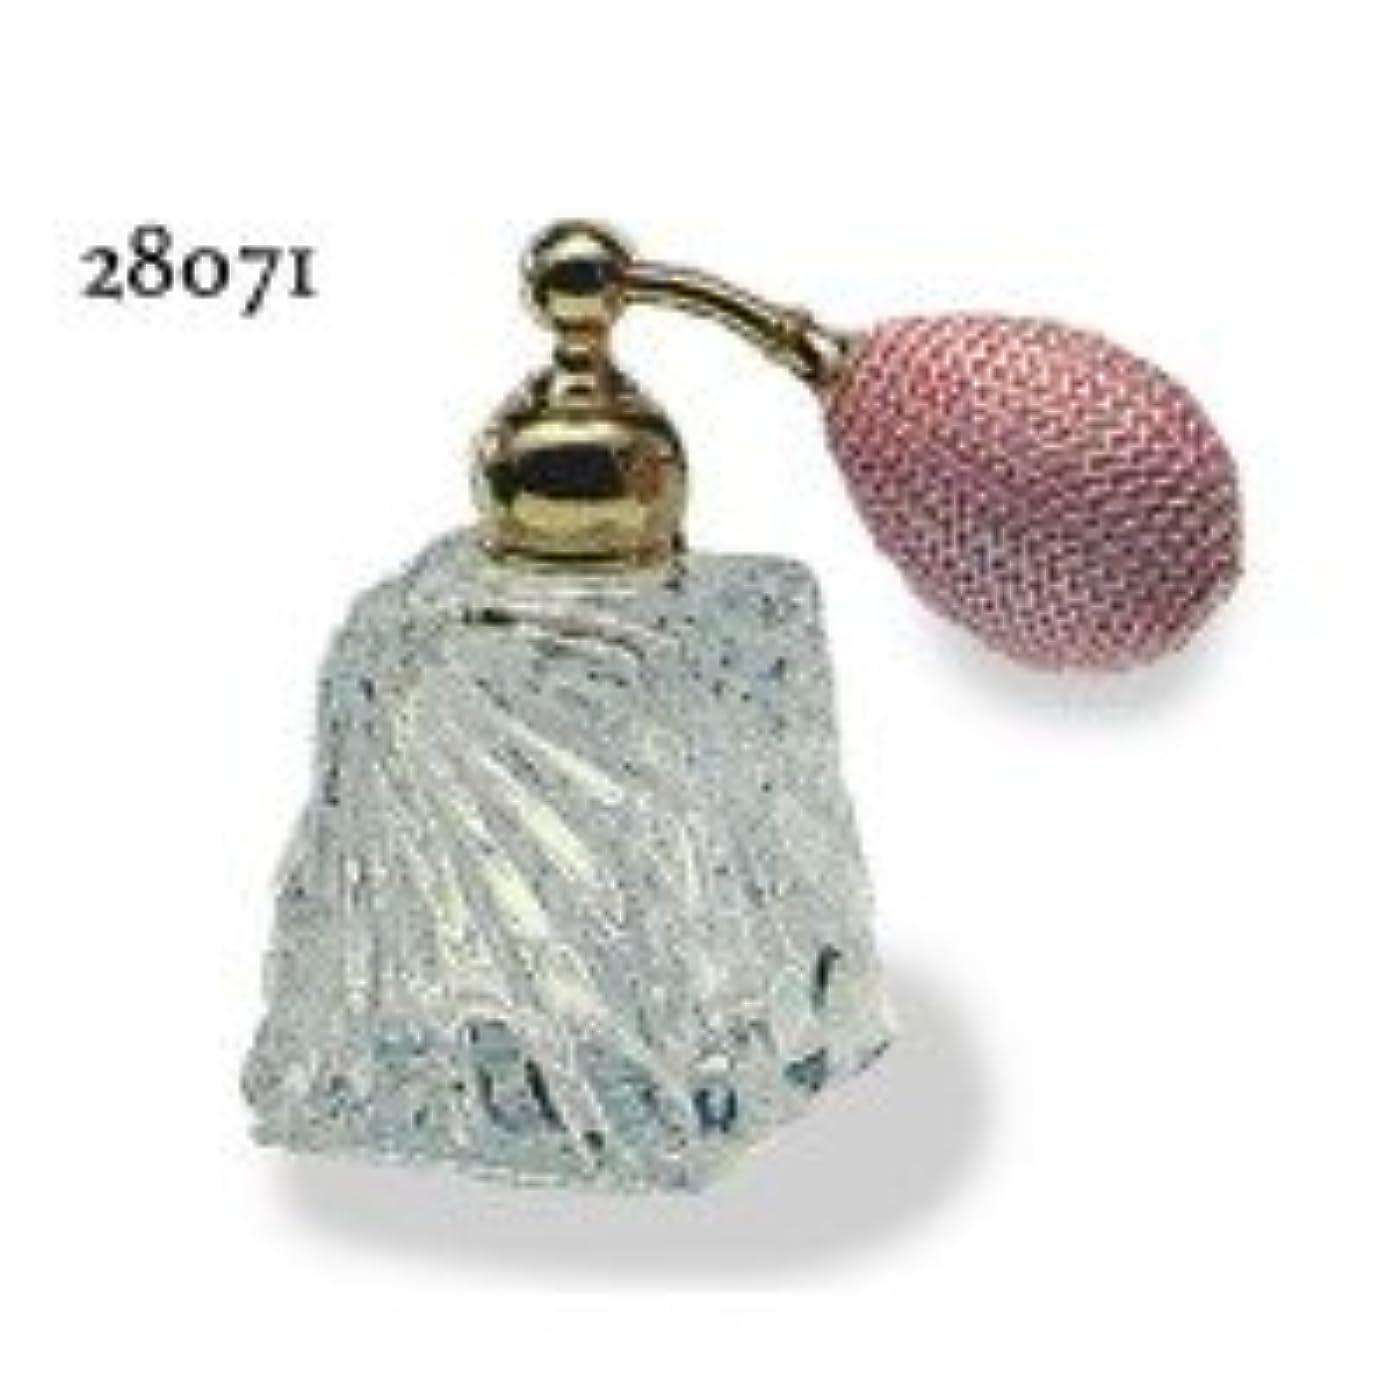 祝う駅電気技師ドイツ製クリスタル香水瓶リードクリスタル 長